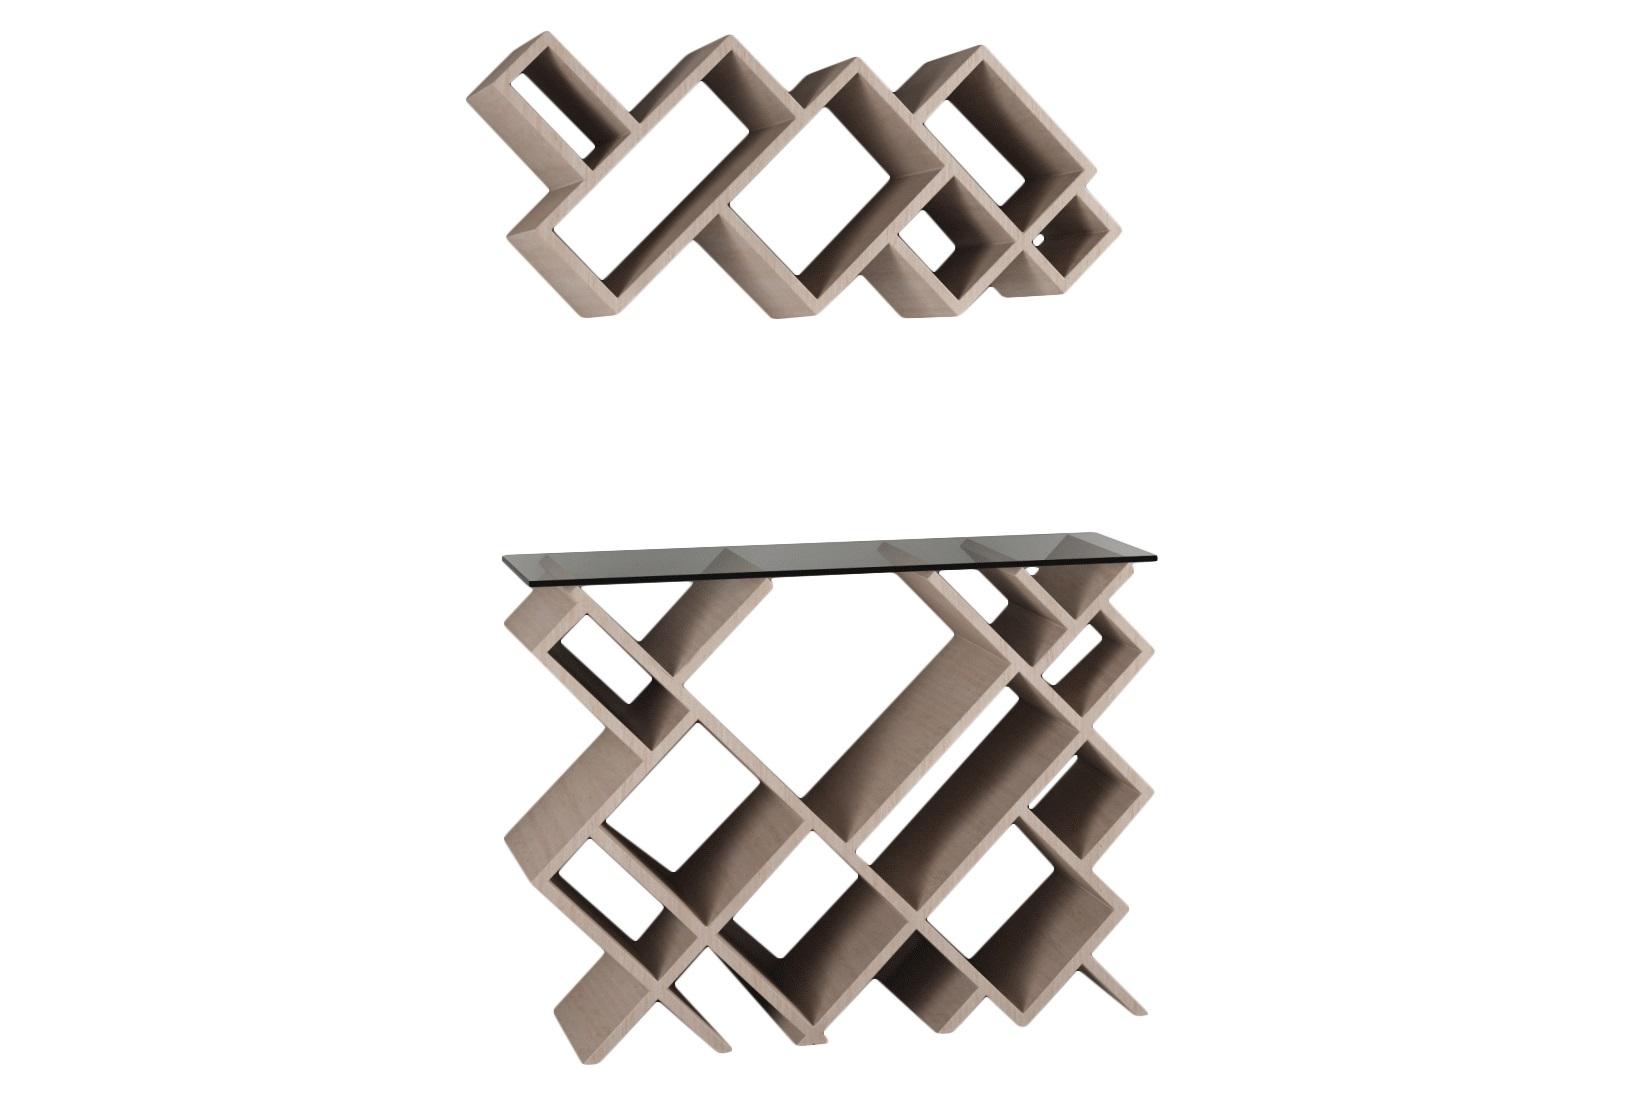 Комплект ГеометрияСтеллажи и этажерки<br>Необычные, современные полка и столик преобразят ваш интерьер!&amp;amp;nbsp;&amp;lt;div&amp;gt;&amp;lt;br&amp;gt;&amp;lt;/div&amp;gt;&amp;lt;div&amp;gt;Материал: МДФ, шпон&amp;amp;nbsp;&amp;lt;/div&amp;gt;&amp;lt;div&amp;gt;Установка требуется&amp;amp;nbsp;&amp;lt;/div&amp;gt;&amp;lt;div&amp;gt;Размеры: верхняя часть - 85x 37x24см;&amp;amp;nbsp;&amp;lt;/div&amp;gt;&amp;lt;div&amp;gt;Нижняя часть - 85x67x24см&amp;lt;/div&amp;gt;<br><br>Material: МДФ<br>Width см: 67<br>Depth см: 24<br>Height см: 85